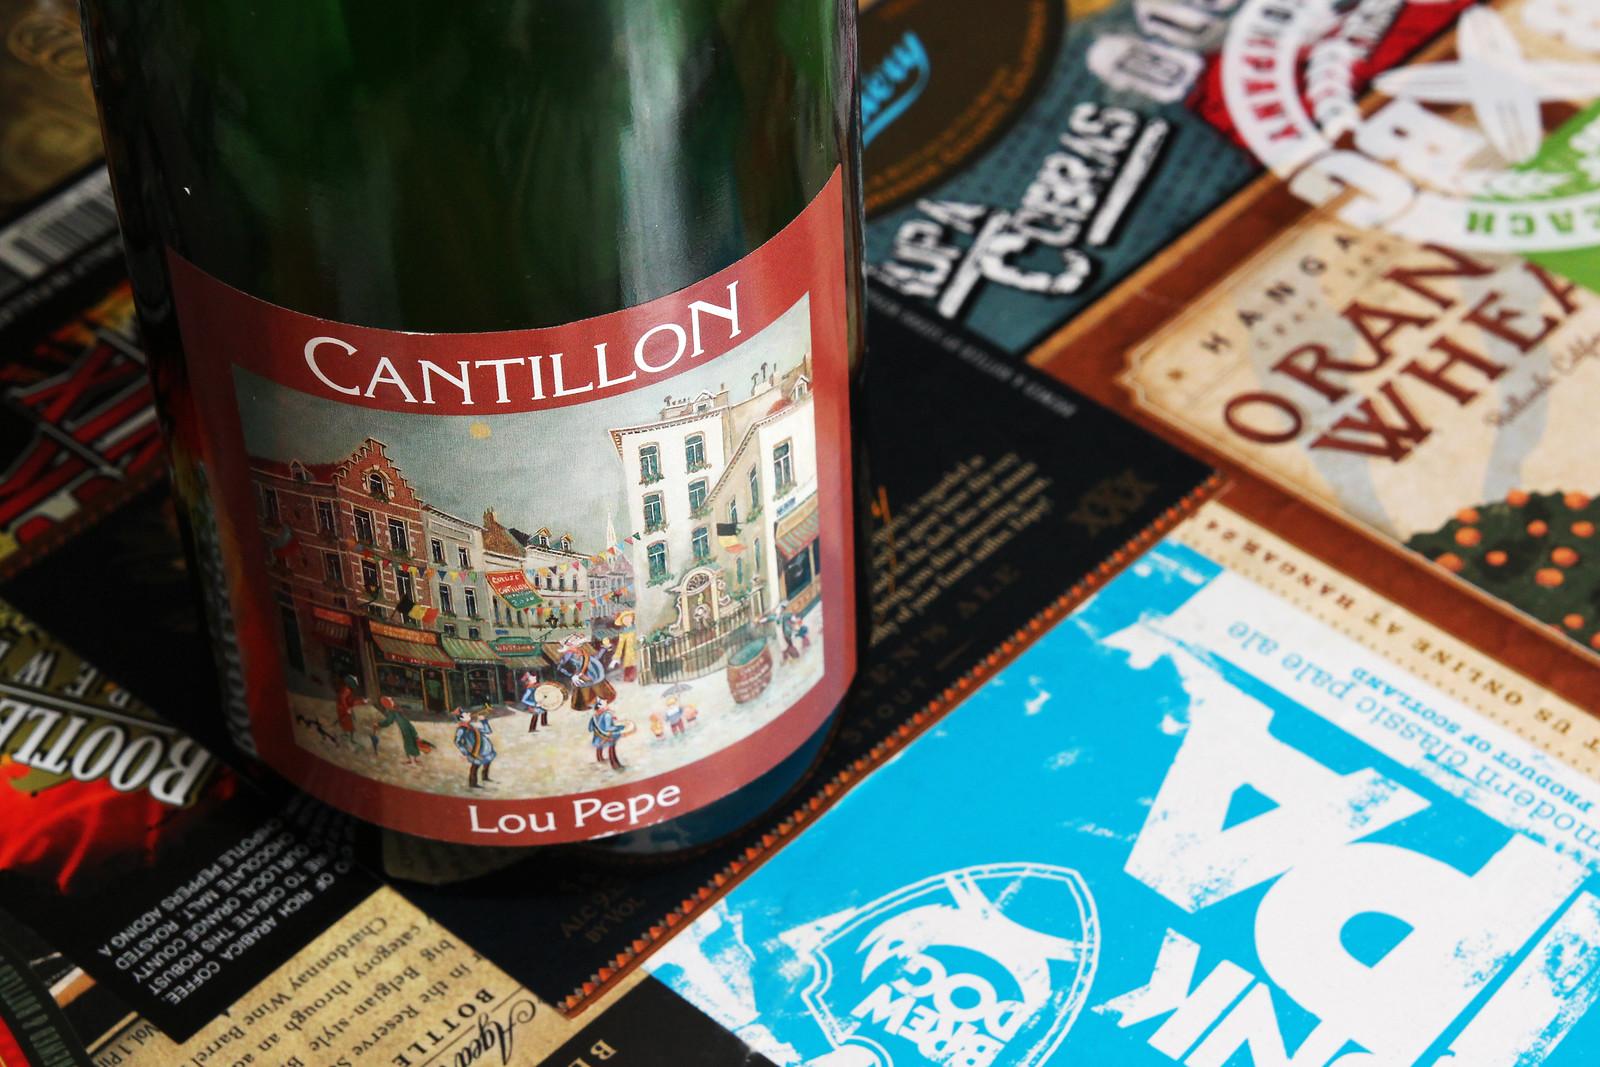 New Brew Thursday : 2009 Lou Pepe Framboise : Brasserie Cantillon